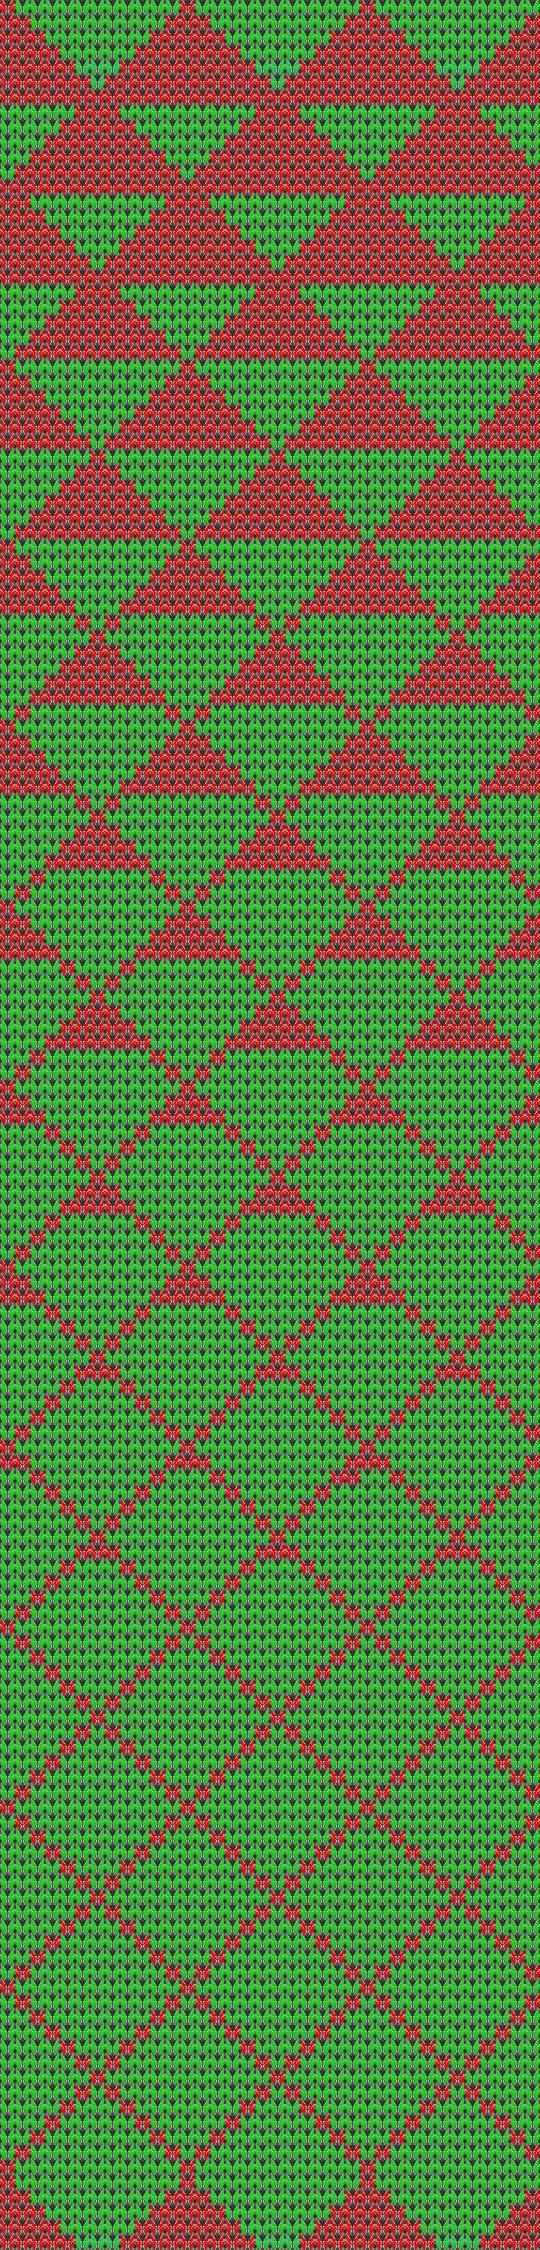 Driehoekjes oplopend van klein naar Groot